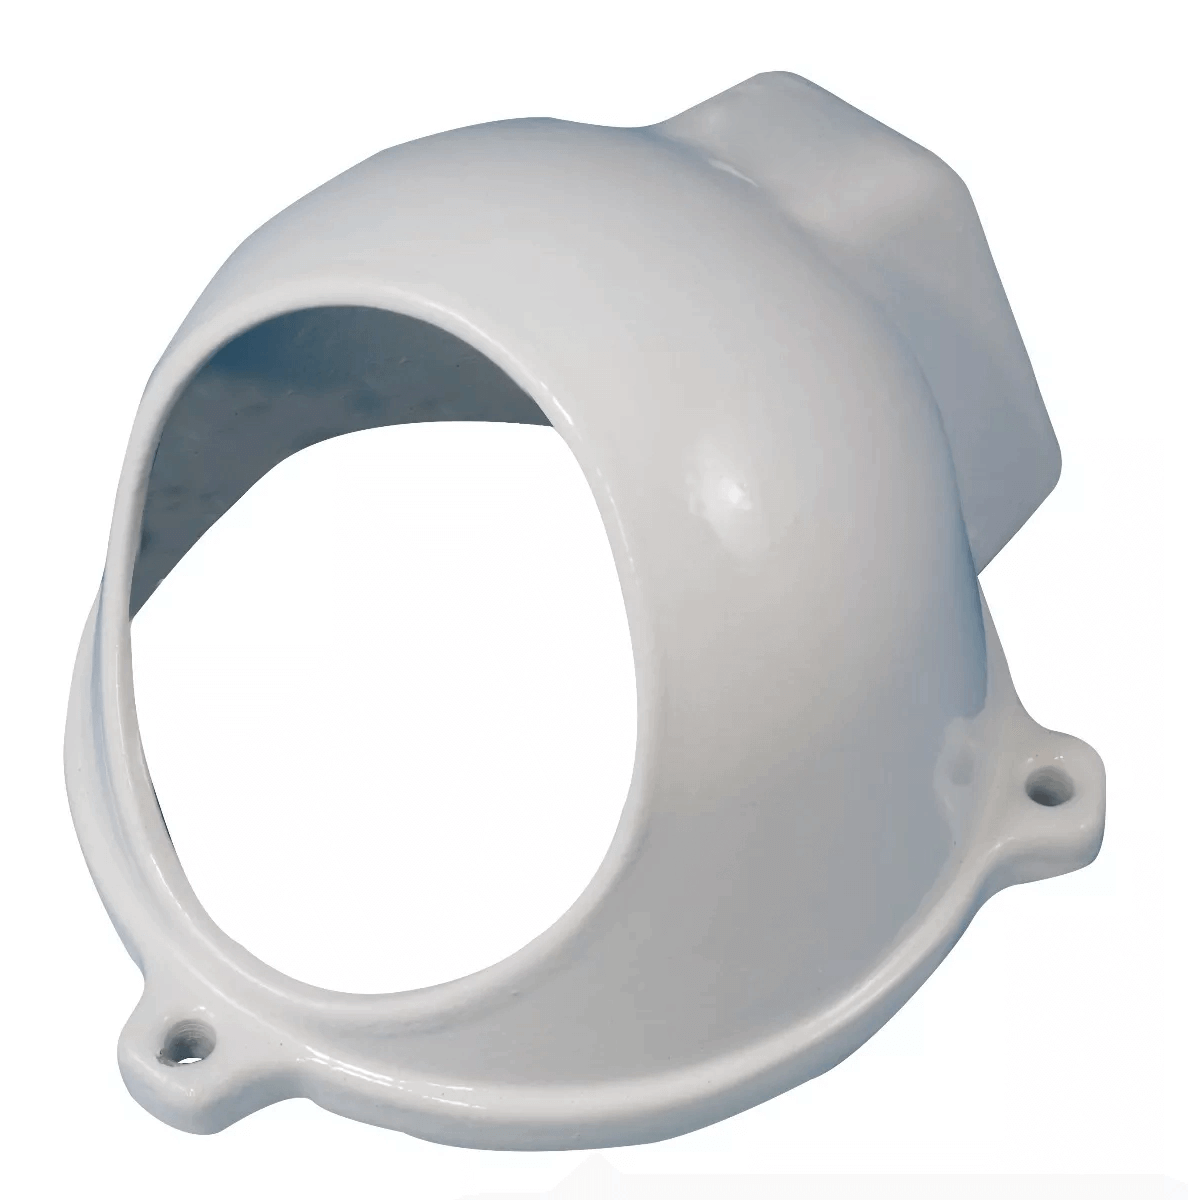 Protetor para Câmera Dome tipo C com Infra Branco Anti-Vandalismo Bulher  - Tudo Forte